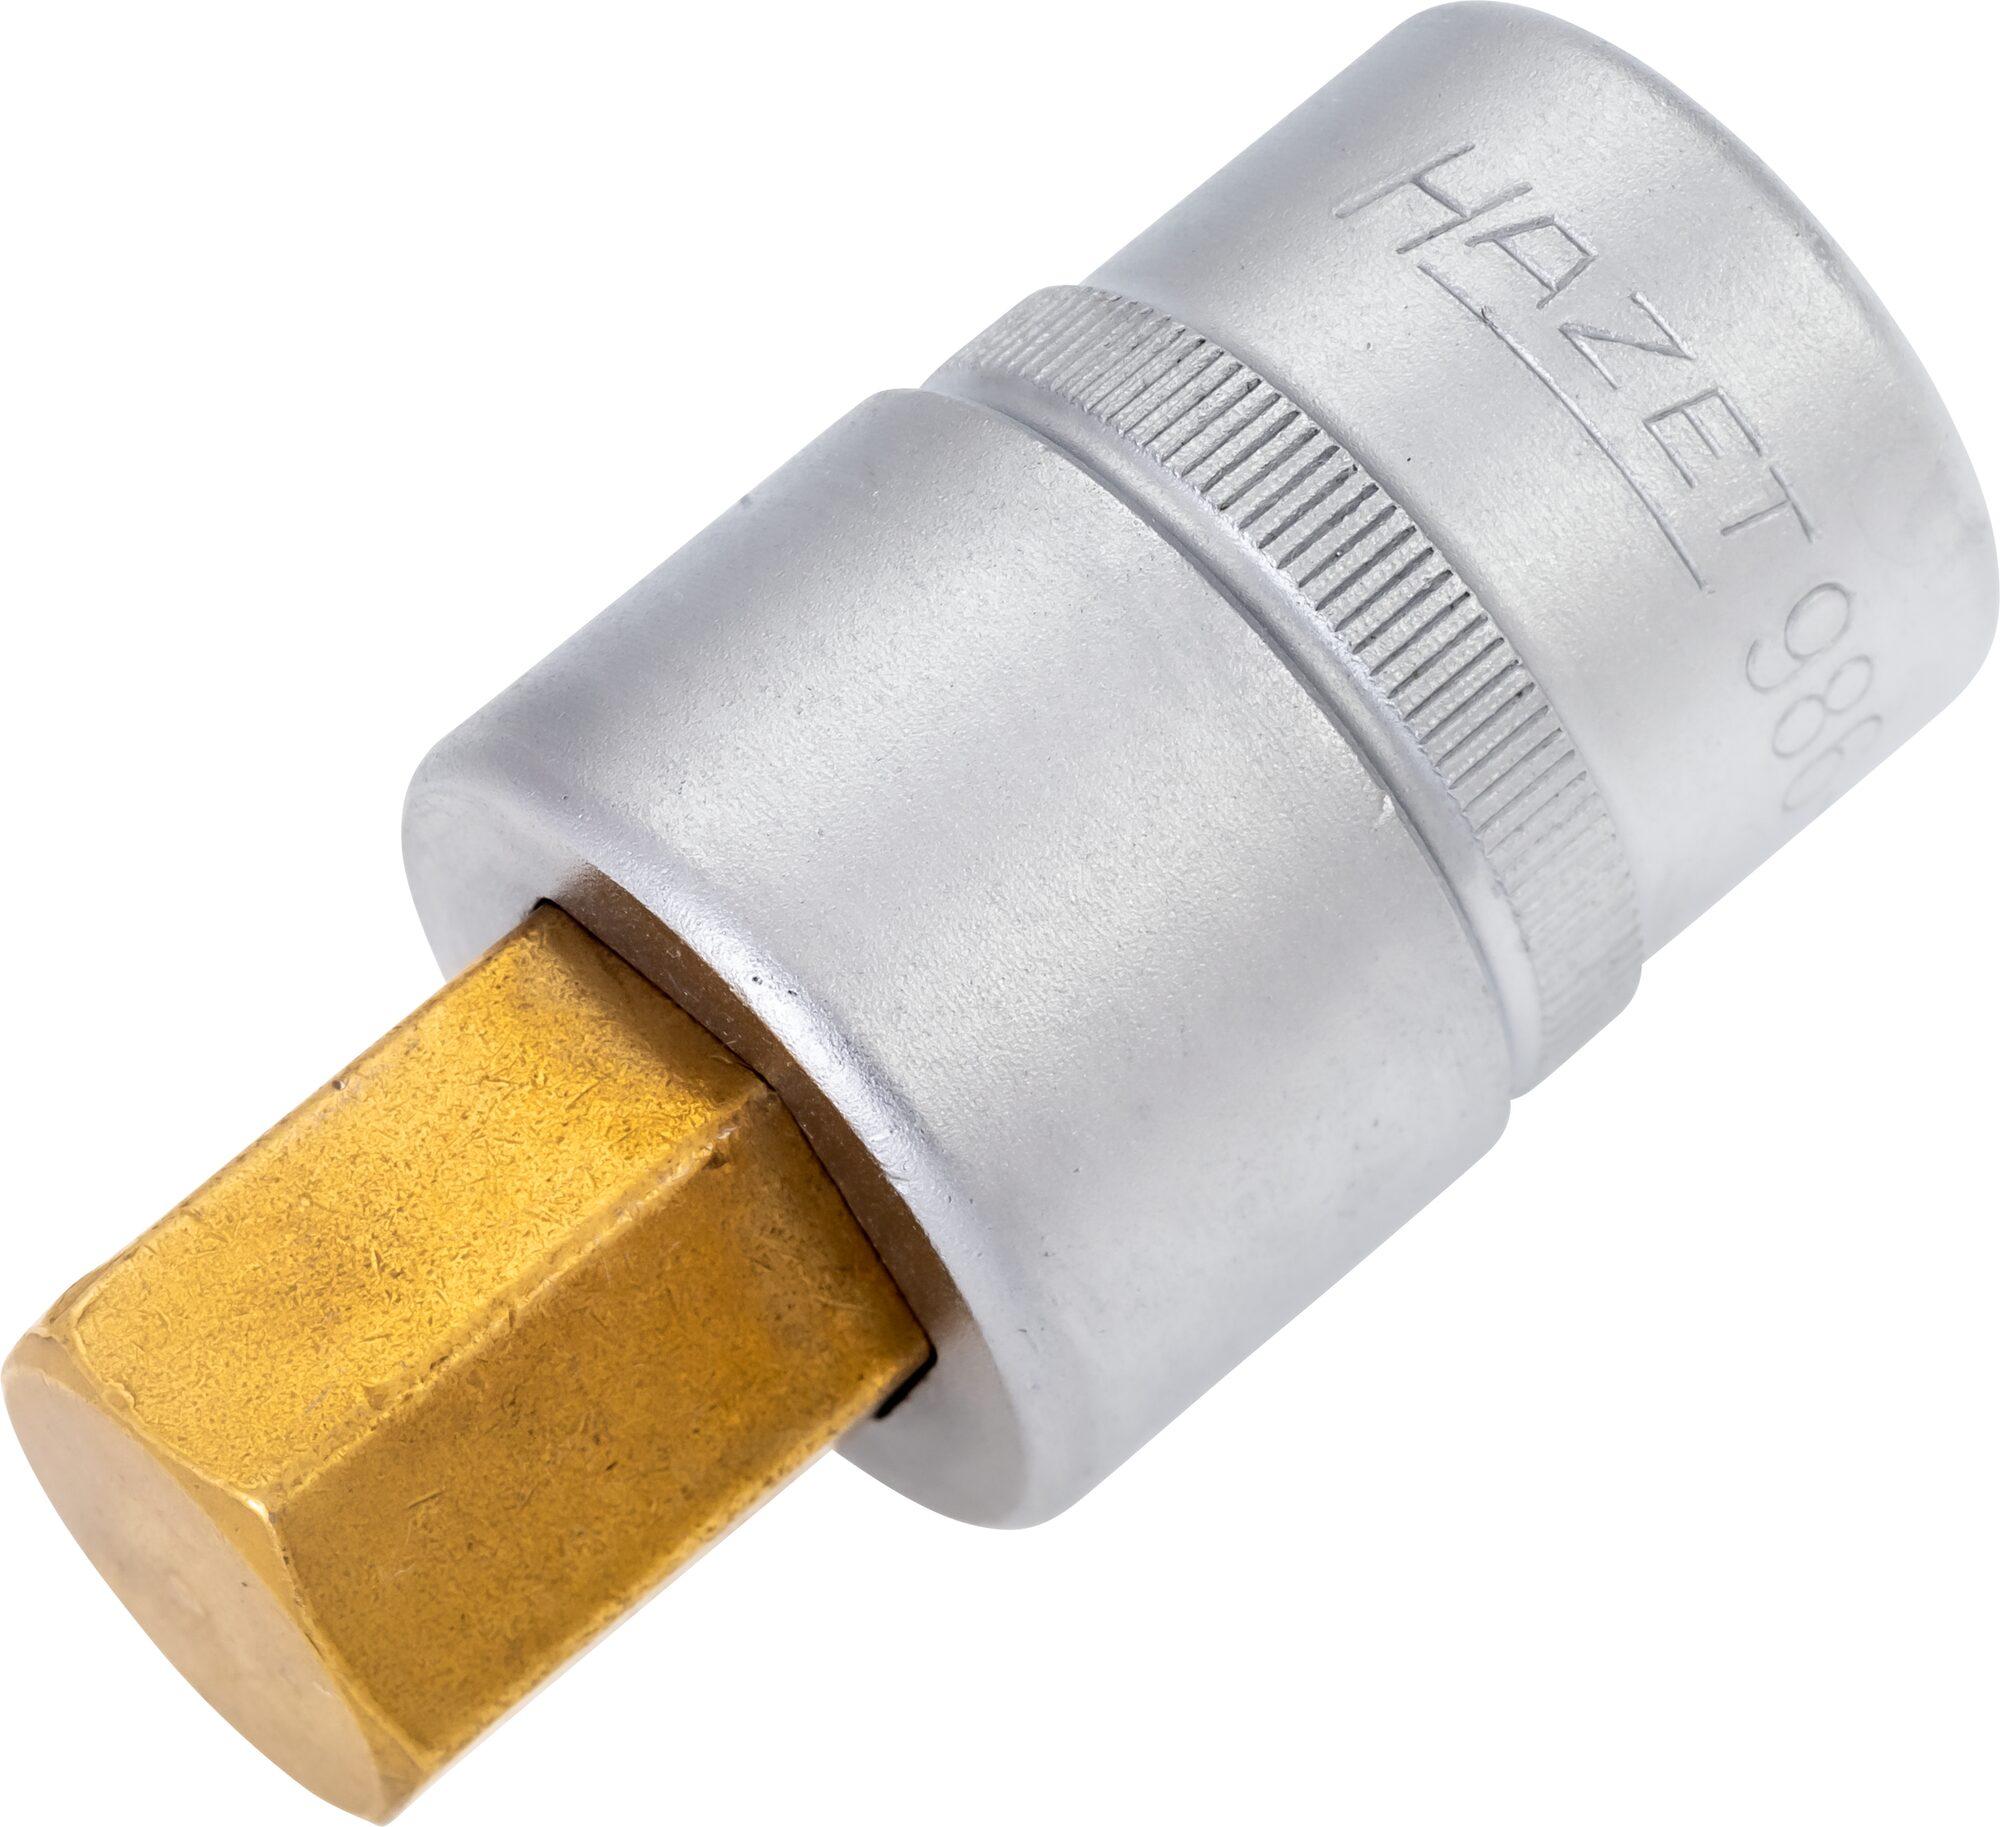 HAZET Schraubendreher-Steckschlüsseleinsatz 986-17 ∙ Vierkant hohl 12,5 mm (1/2 Zoll) ∙ Innen-Sechskant Profil ∙ 17 mm